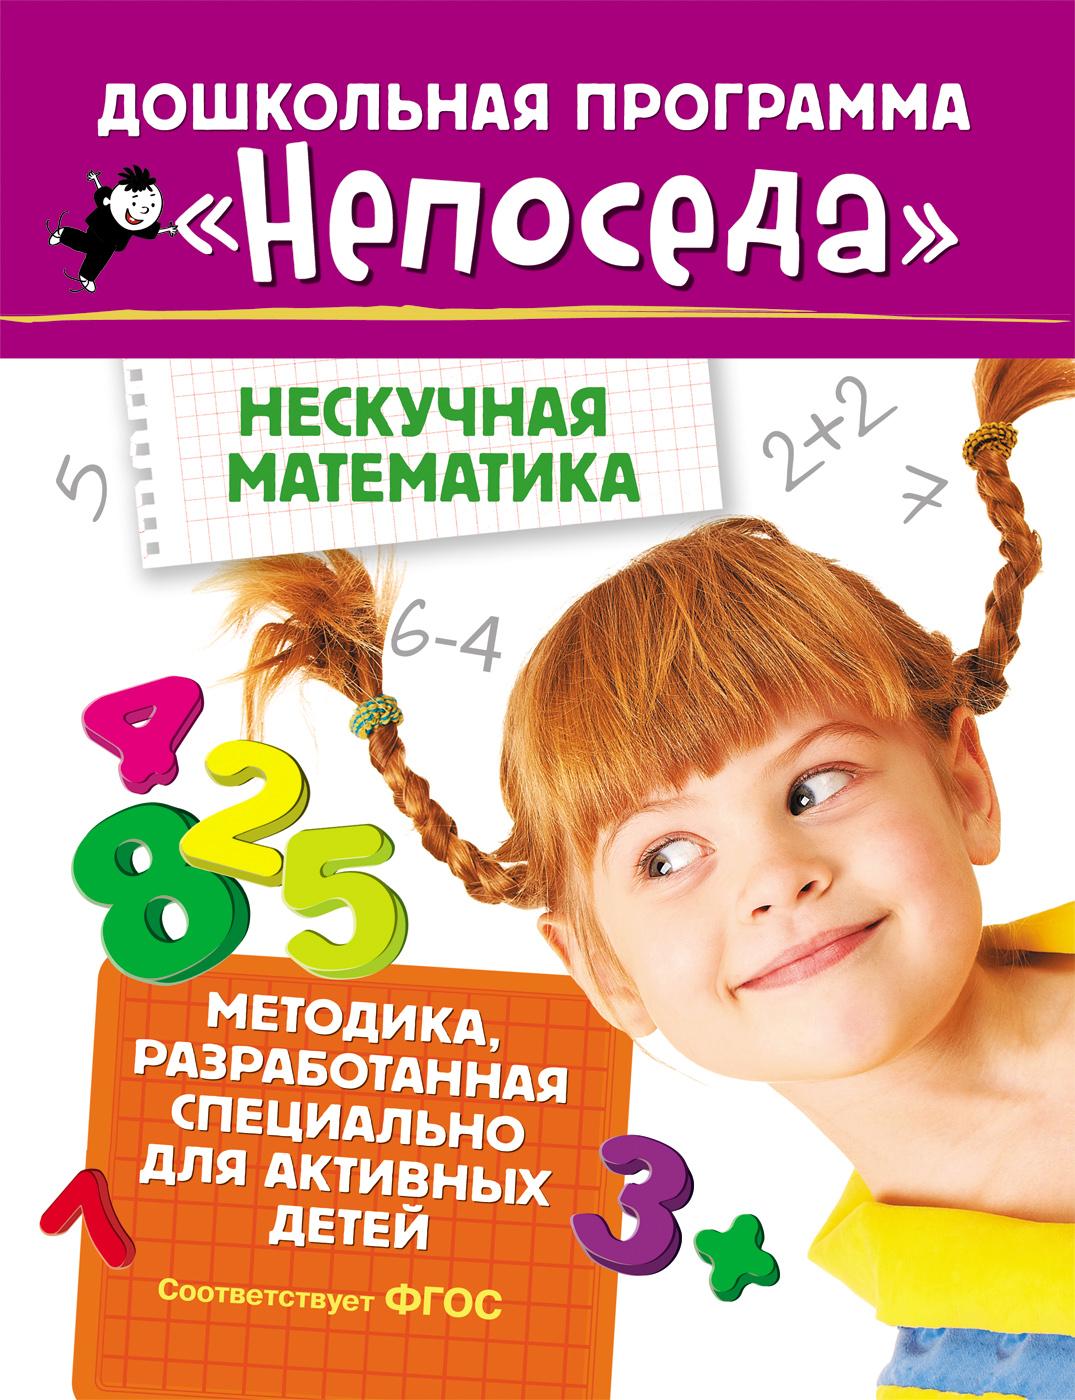 картинка Развивающая тетрадь из серии Непоседа - Нескучная математика от магазина Bebikam.ru